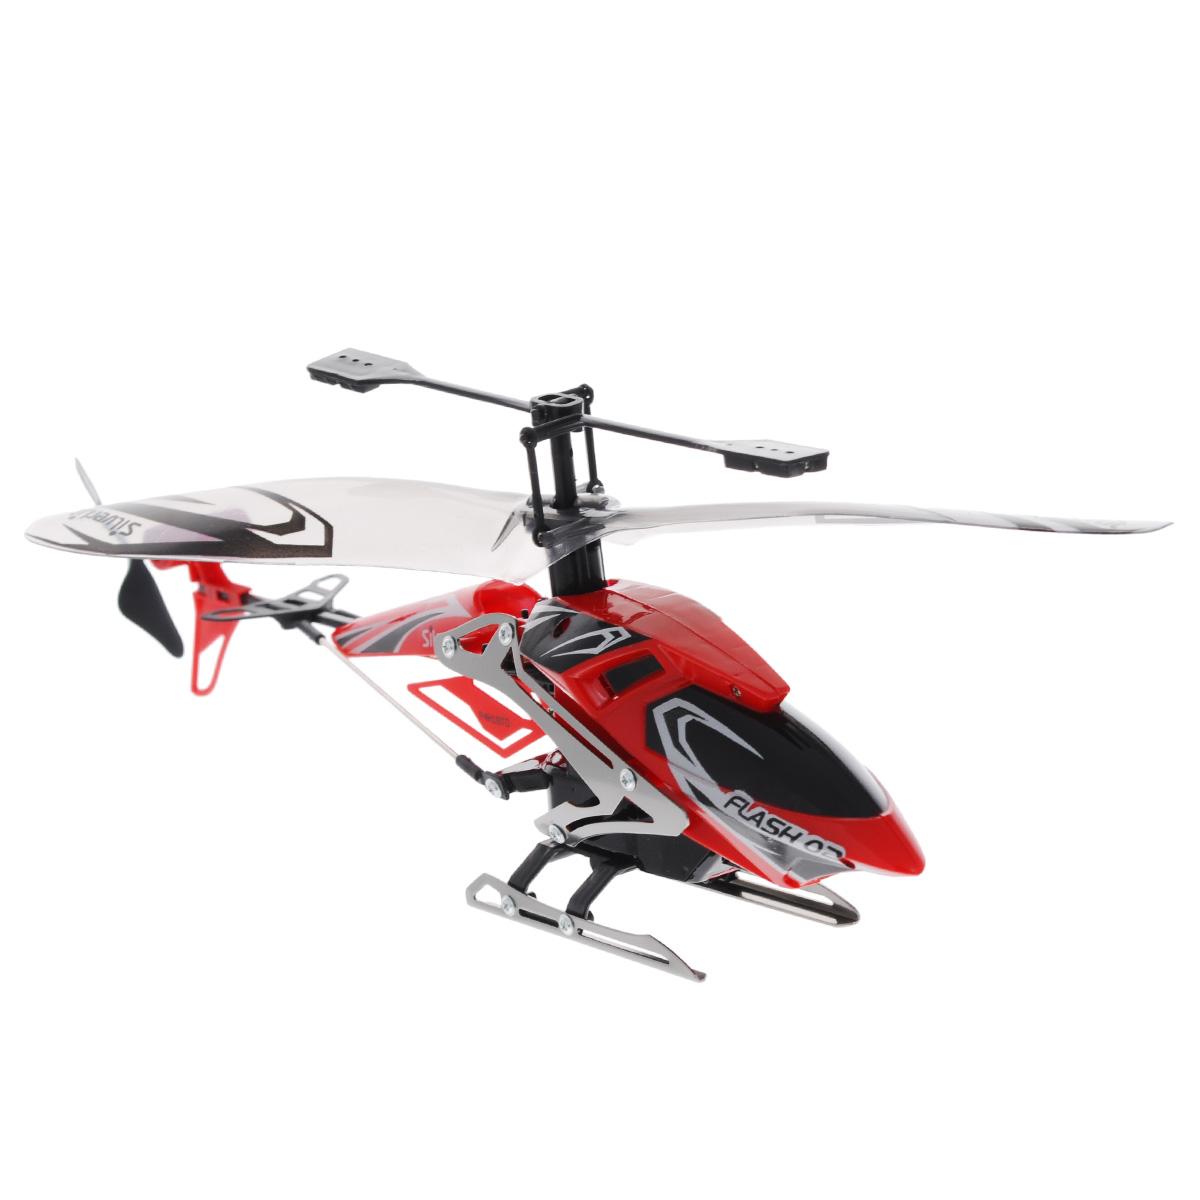 Silverlit Вертолет на радиоуправлении Штурмовик цвет красный84700Радиоуправляемая модель Silverlit Вертолет Штурмовик, выполненная из металла и пластика, удивит и порадует любого мальчика. Игрушка выполнена в виде вертолета, имеет очень точную детализацию и световые эффекты. Вертолет двигается вверх, вниз, вправо и влево, обладает автостабилизацией и высокоточным ускорением. Игрушка управляется с помощью дистанционного пульта с инфракрасным управлением, что позволяет играть только внутри помещения. Сверхточное цифровое пропорциональное трехканальное управление. Игрушкой очень легко управлять, вертолет послушно двигается в нужную сторону. Дети очень любят радиоуправляемые игрушки, ведь стоит только нажать на кнопку, как они буквально оживают, начинают двигаться и издавать характерные звуки. Не являются исключением и вертолеты на радиоуправлении - они еще интереснее, так как они не просто ездят, как обычные машины, а летают, парят над землей. Конечно, вертолетом управлять сложнее, чем автомобилем, так как необходимо научиться...